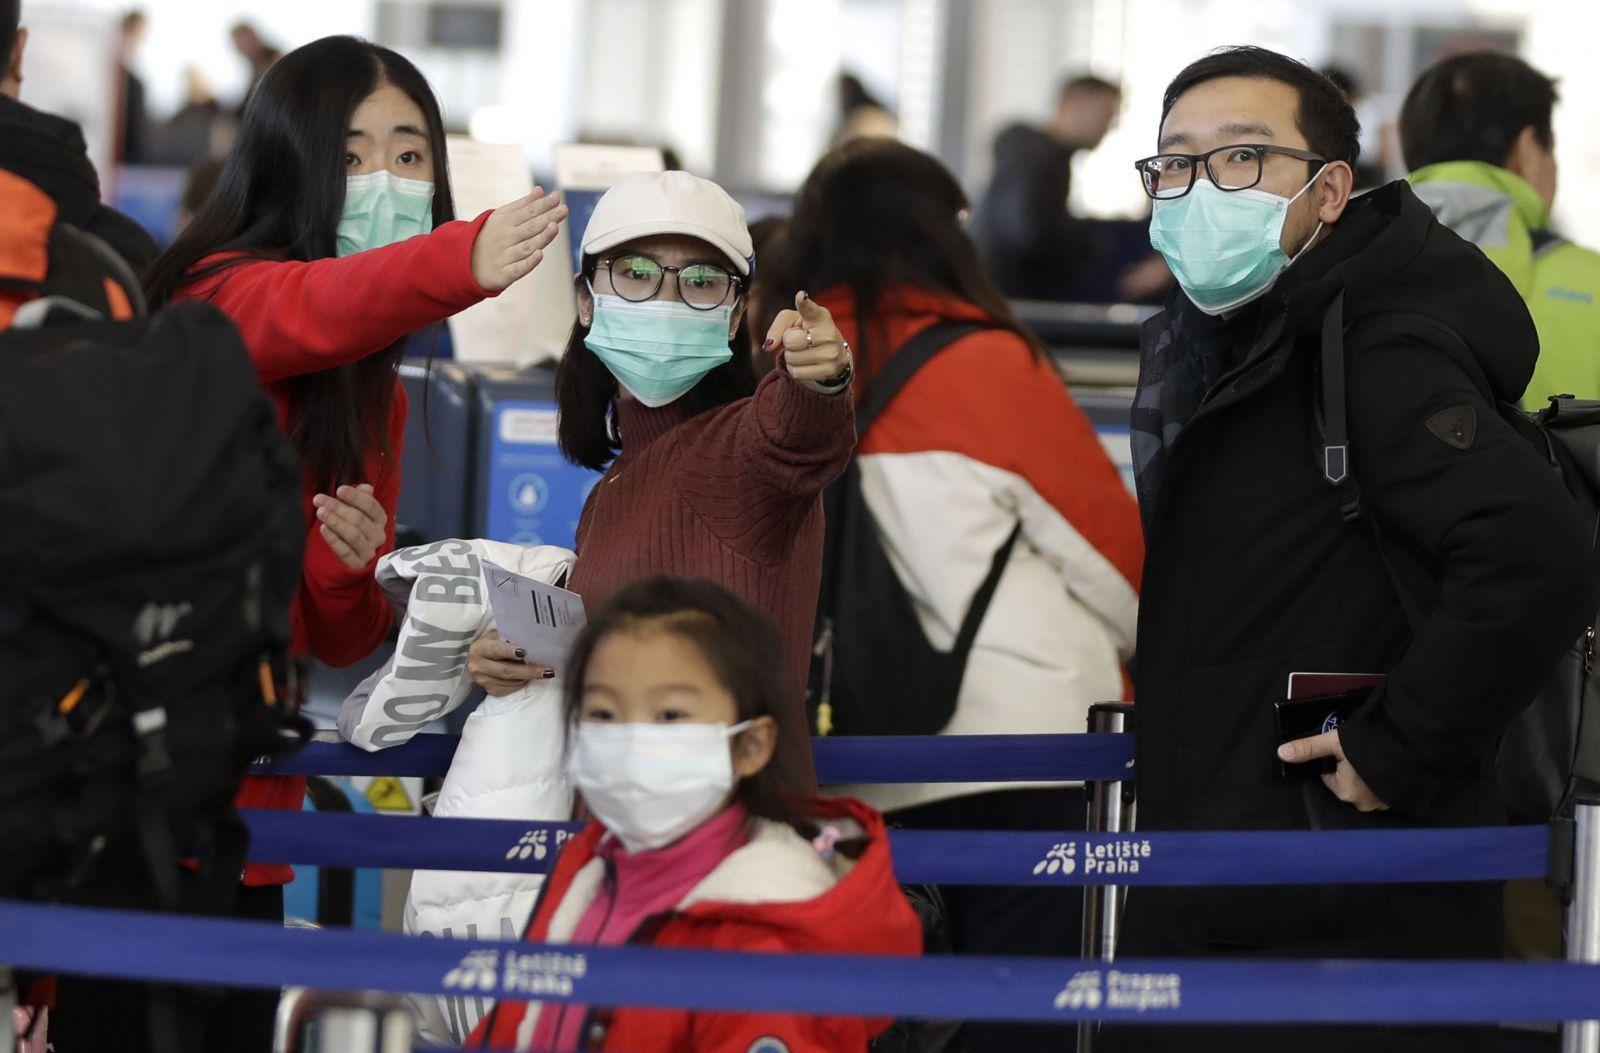 Cestujúci, ktorí čakajú na bezpečnostnú kontrolu do Šanghaja, majú na tvári ochranné rúška na medzinárodnom letisku Václava Havla v Prahe v pondelok 27. januára 2020.